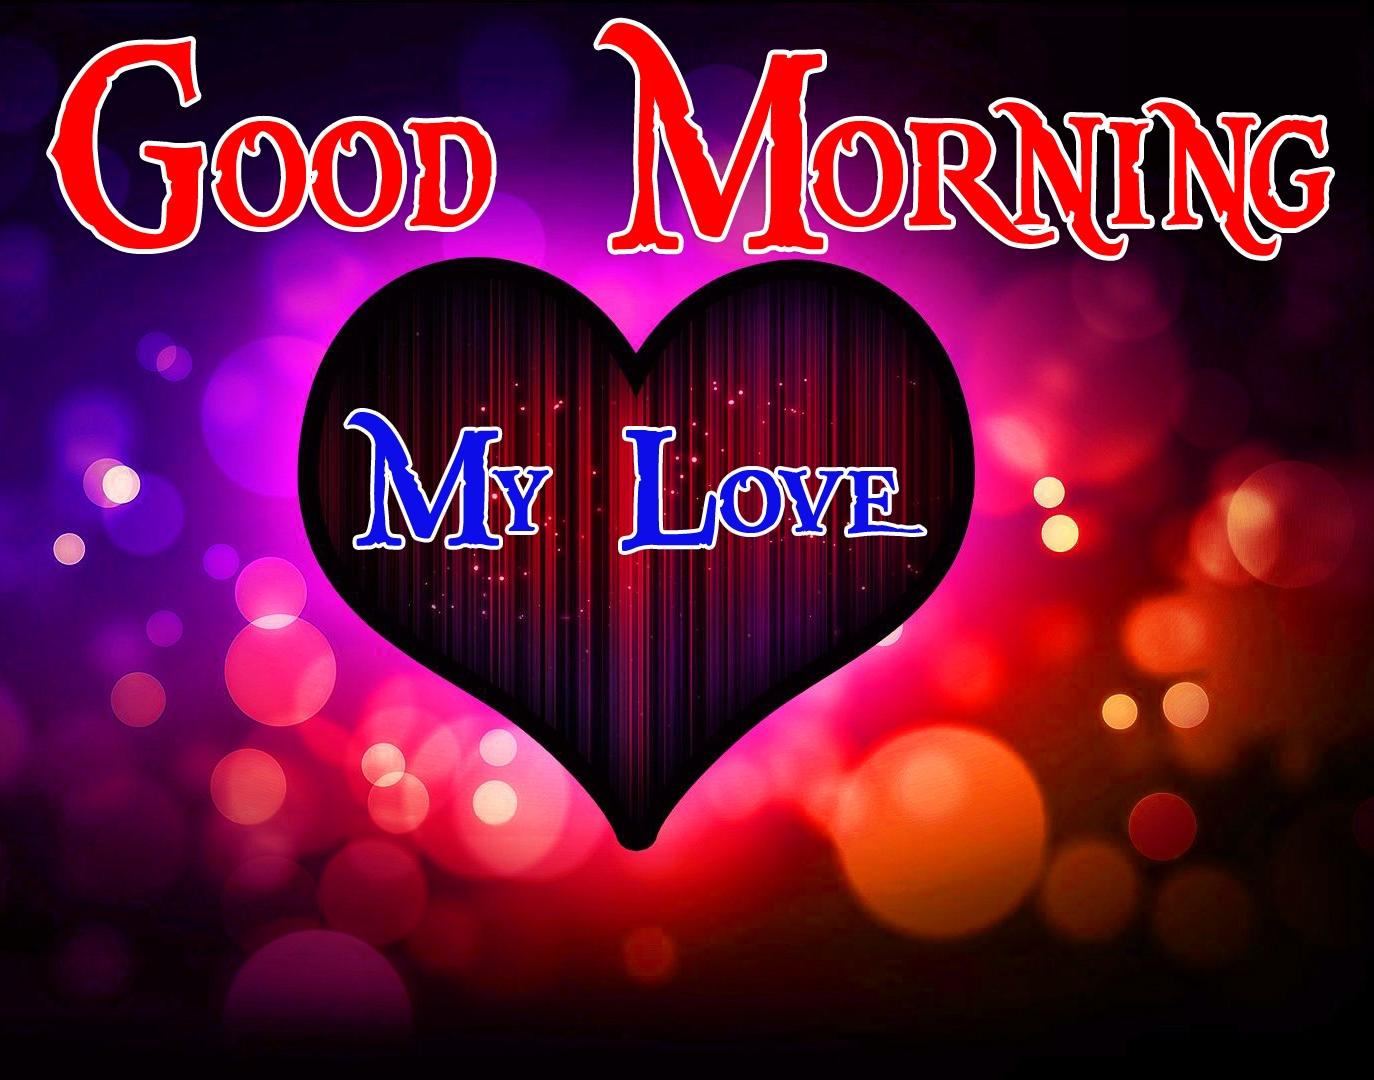 Special Good Morning Wallpaper 5